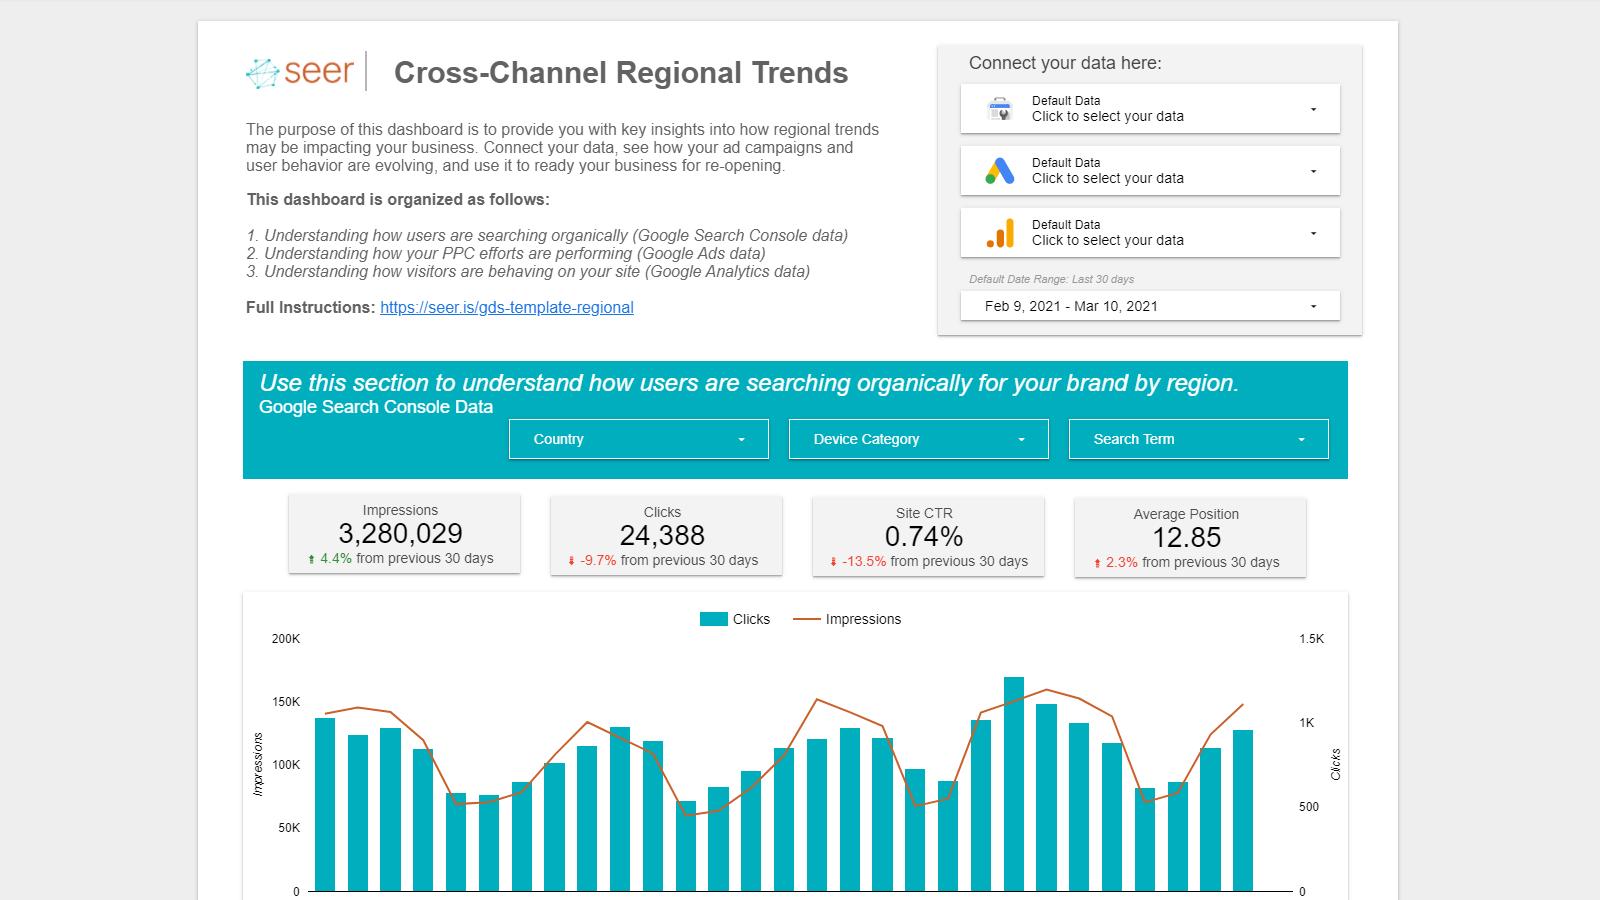 Cross-Channel Regional Trends